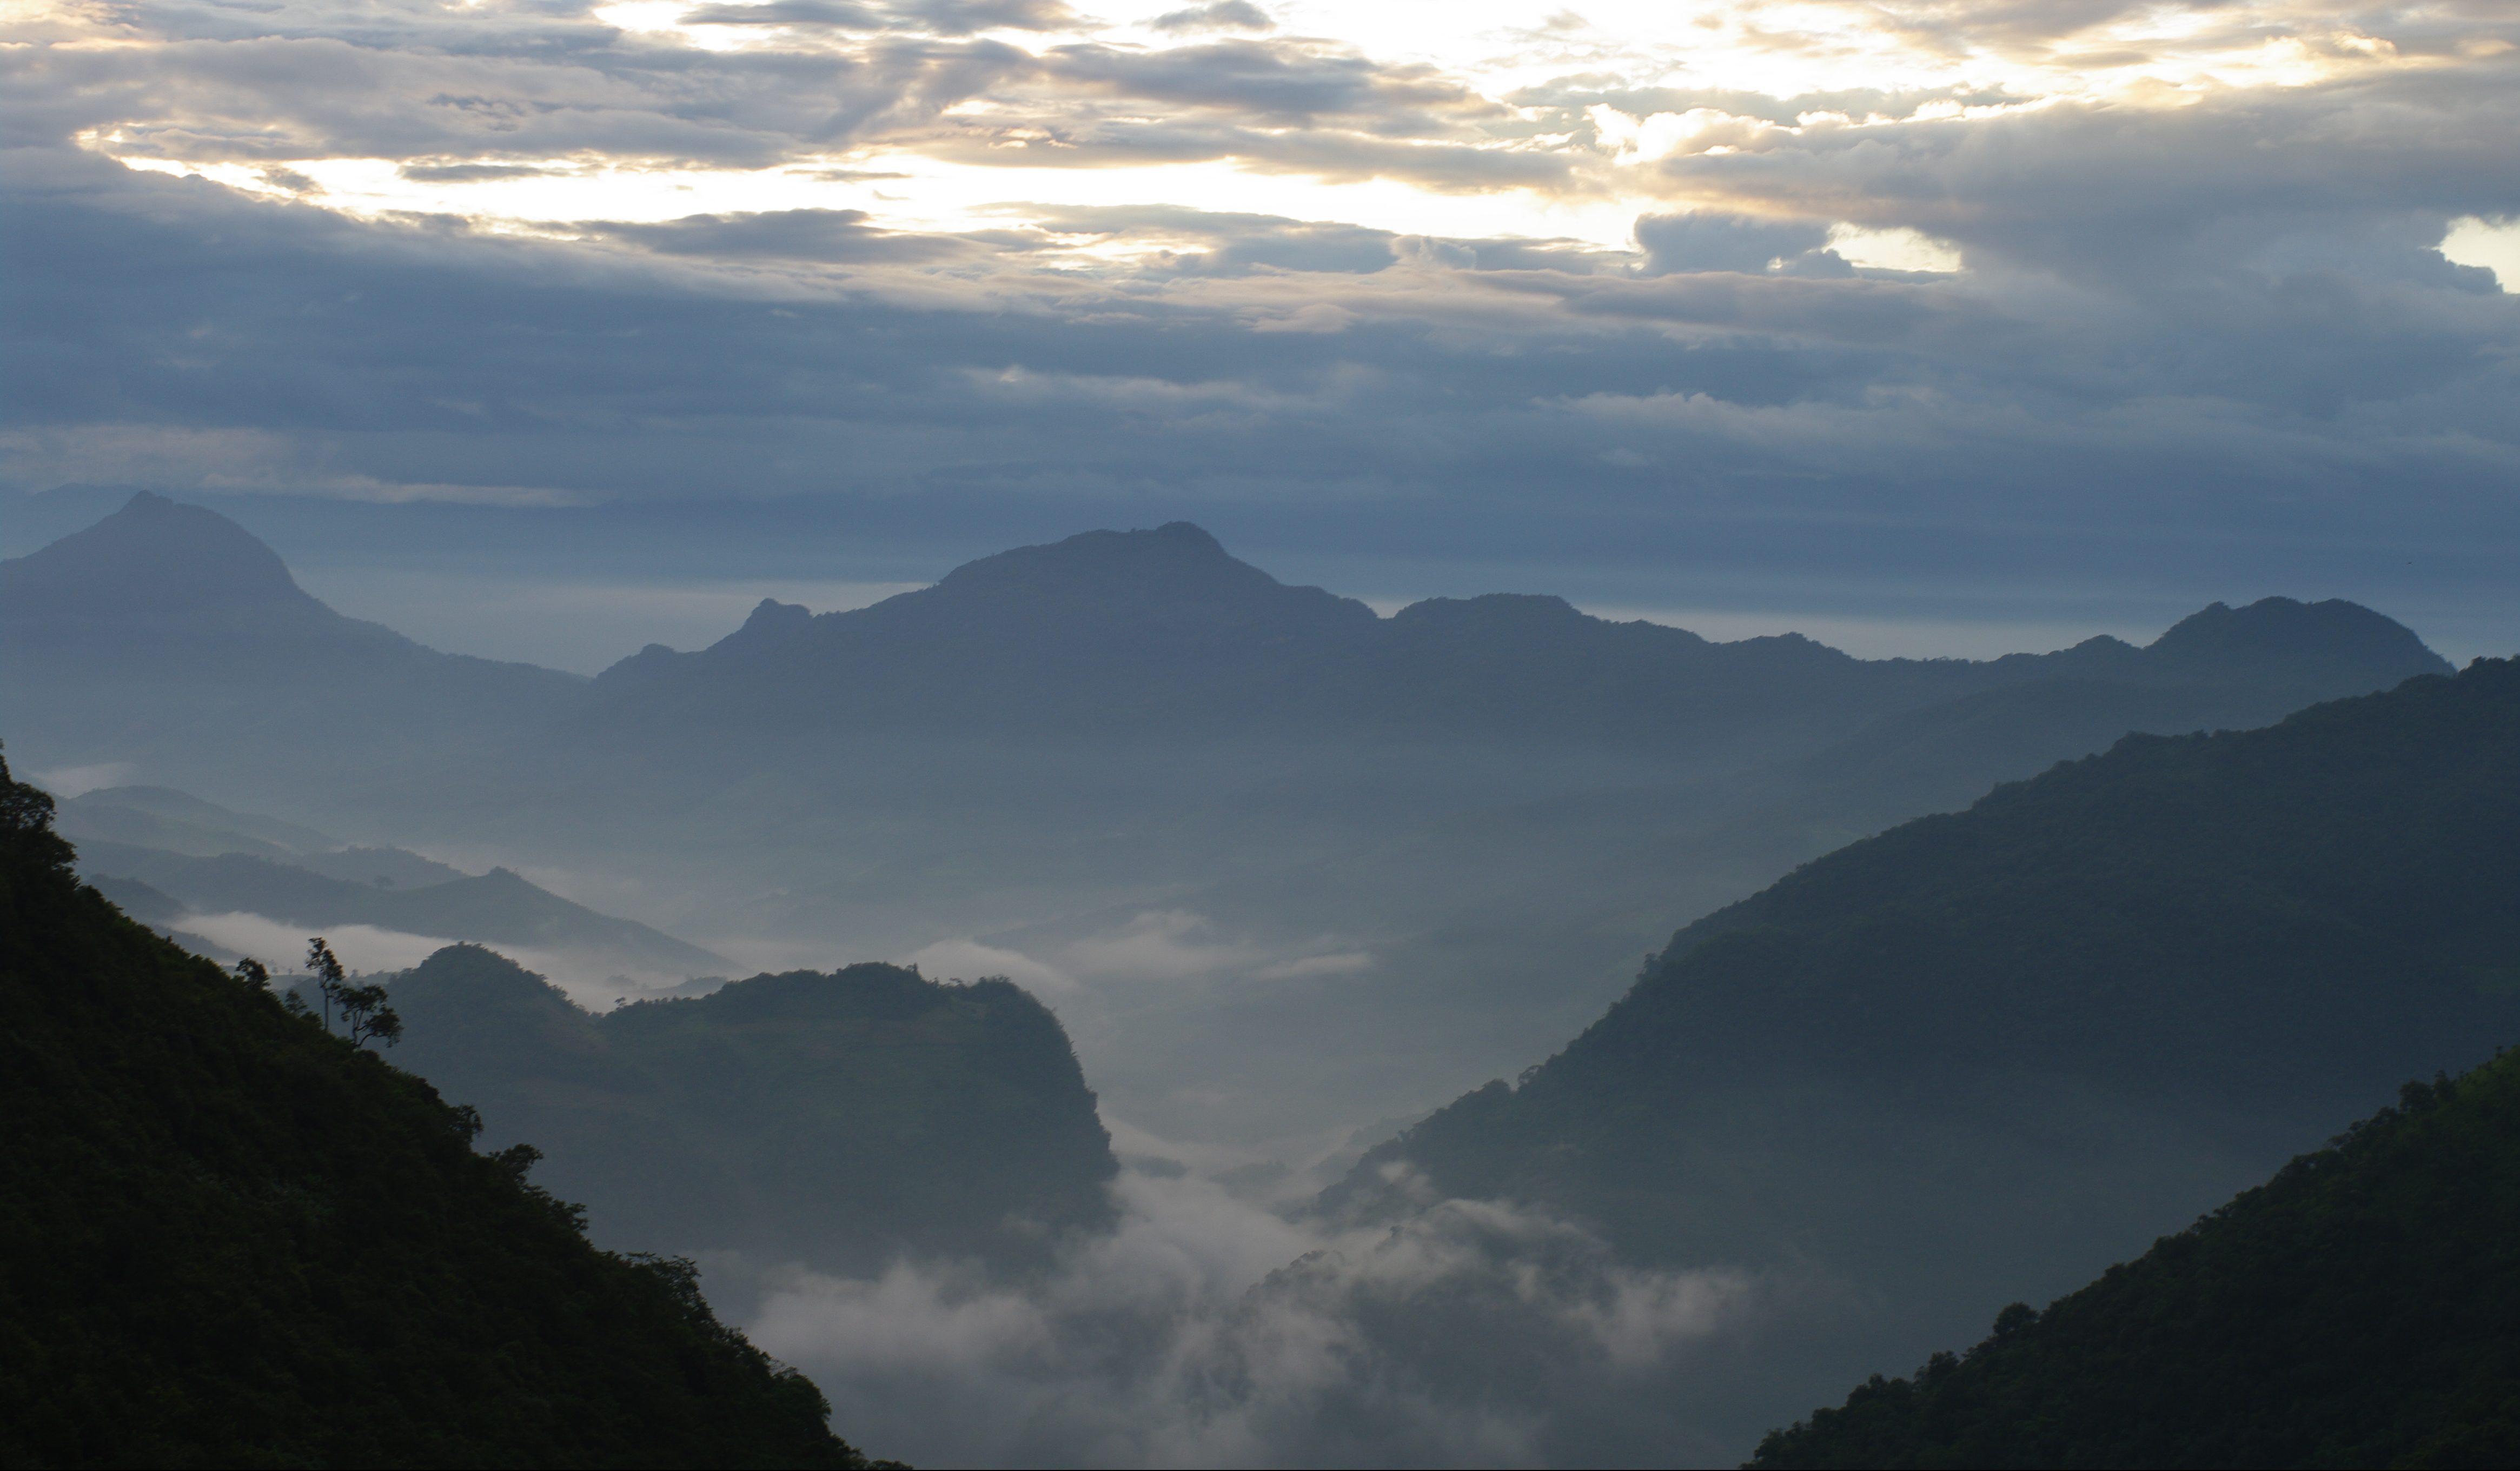 The Yunnan-Myanmar border